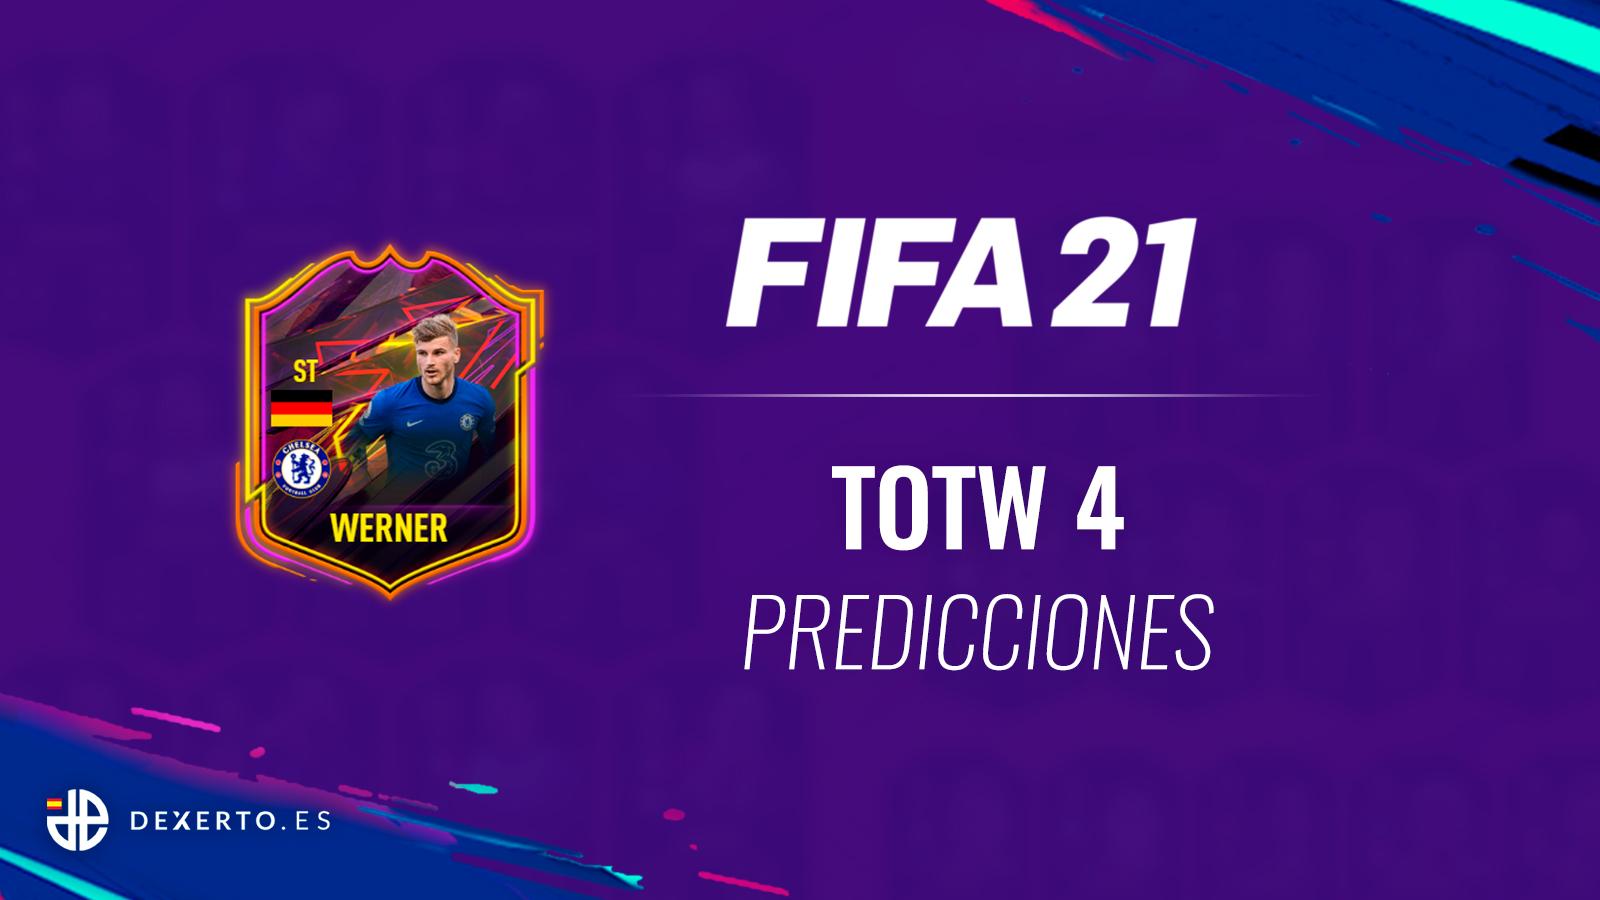 Werner prediccion fifa 21 TOTW 4